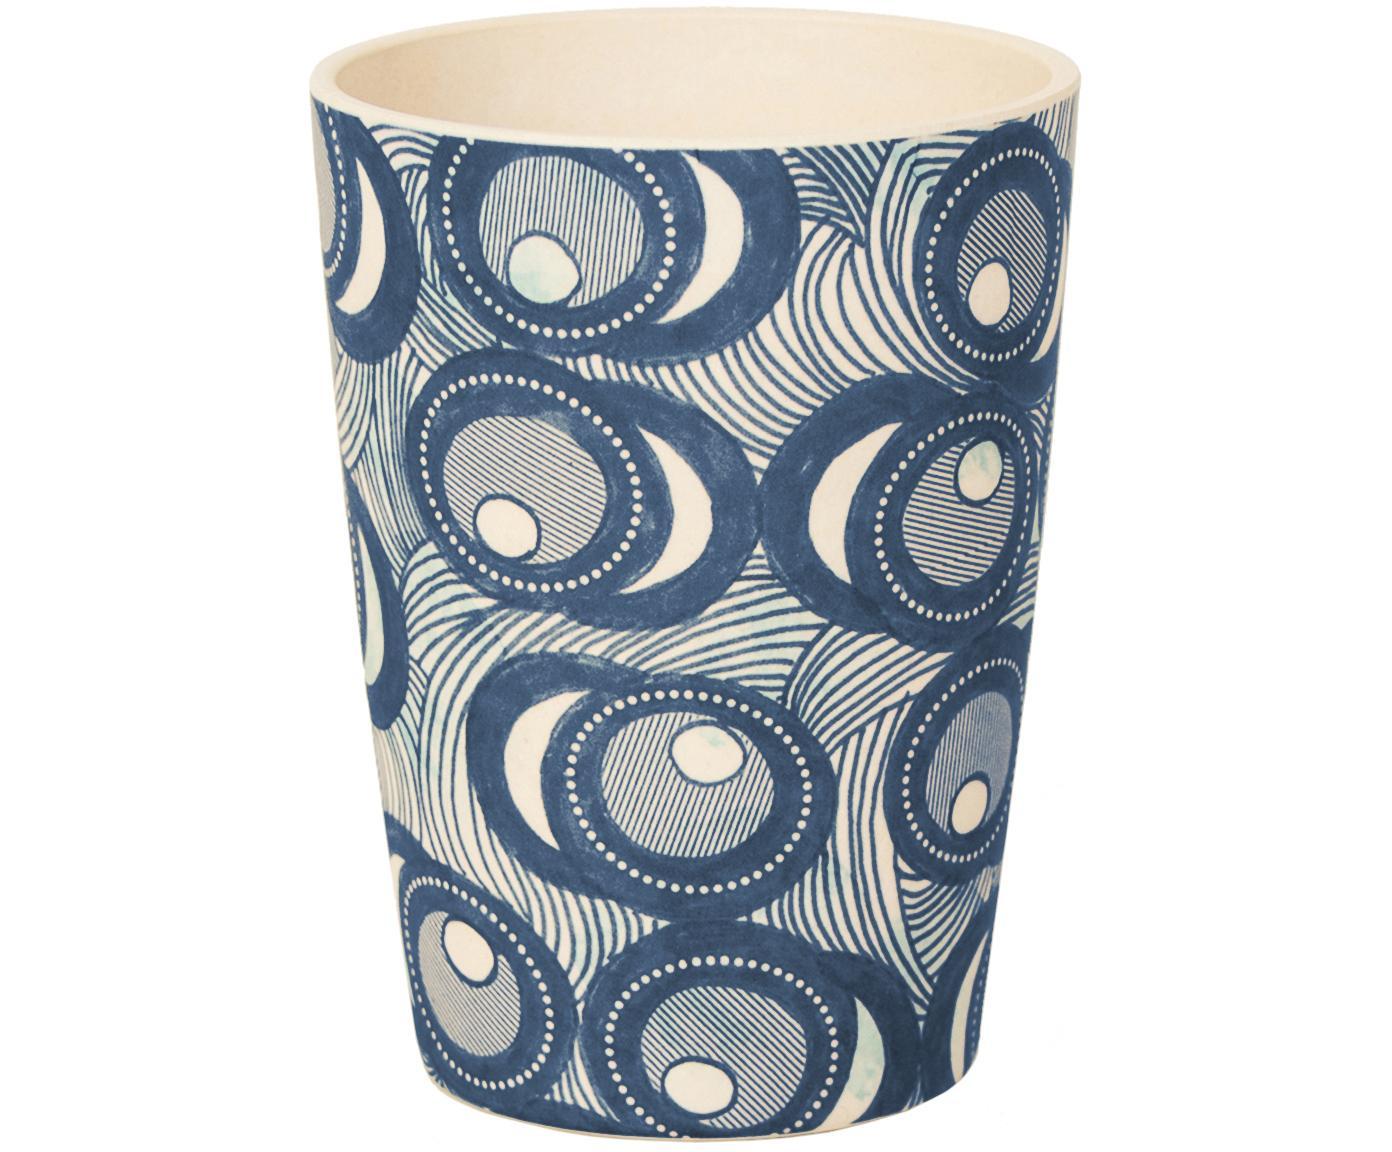 Taza de bambú Fish Eye, Fibras de bambú, pintado, Azul, blanco, Ø 8 x Al 11 cm